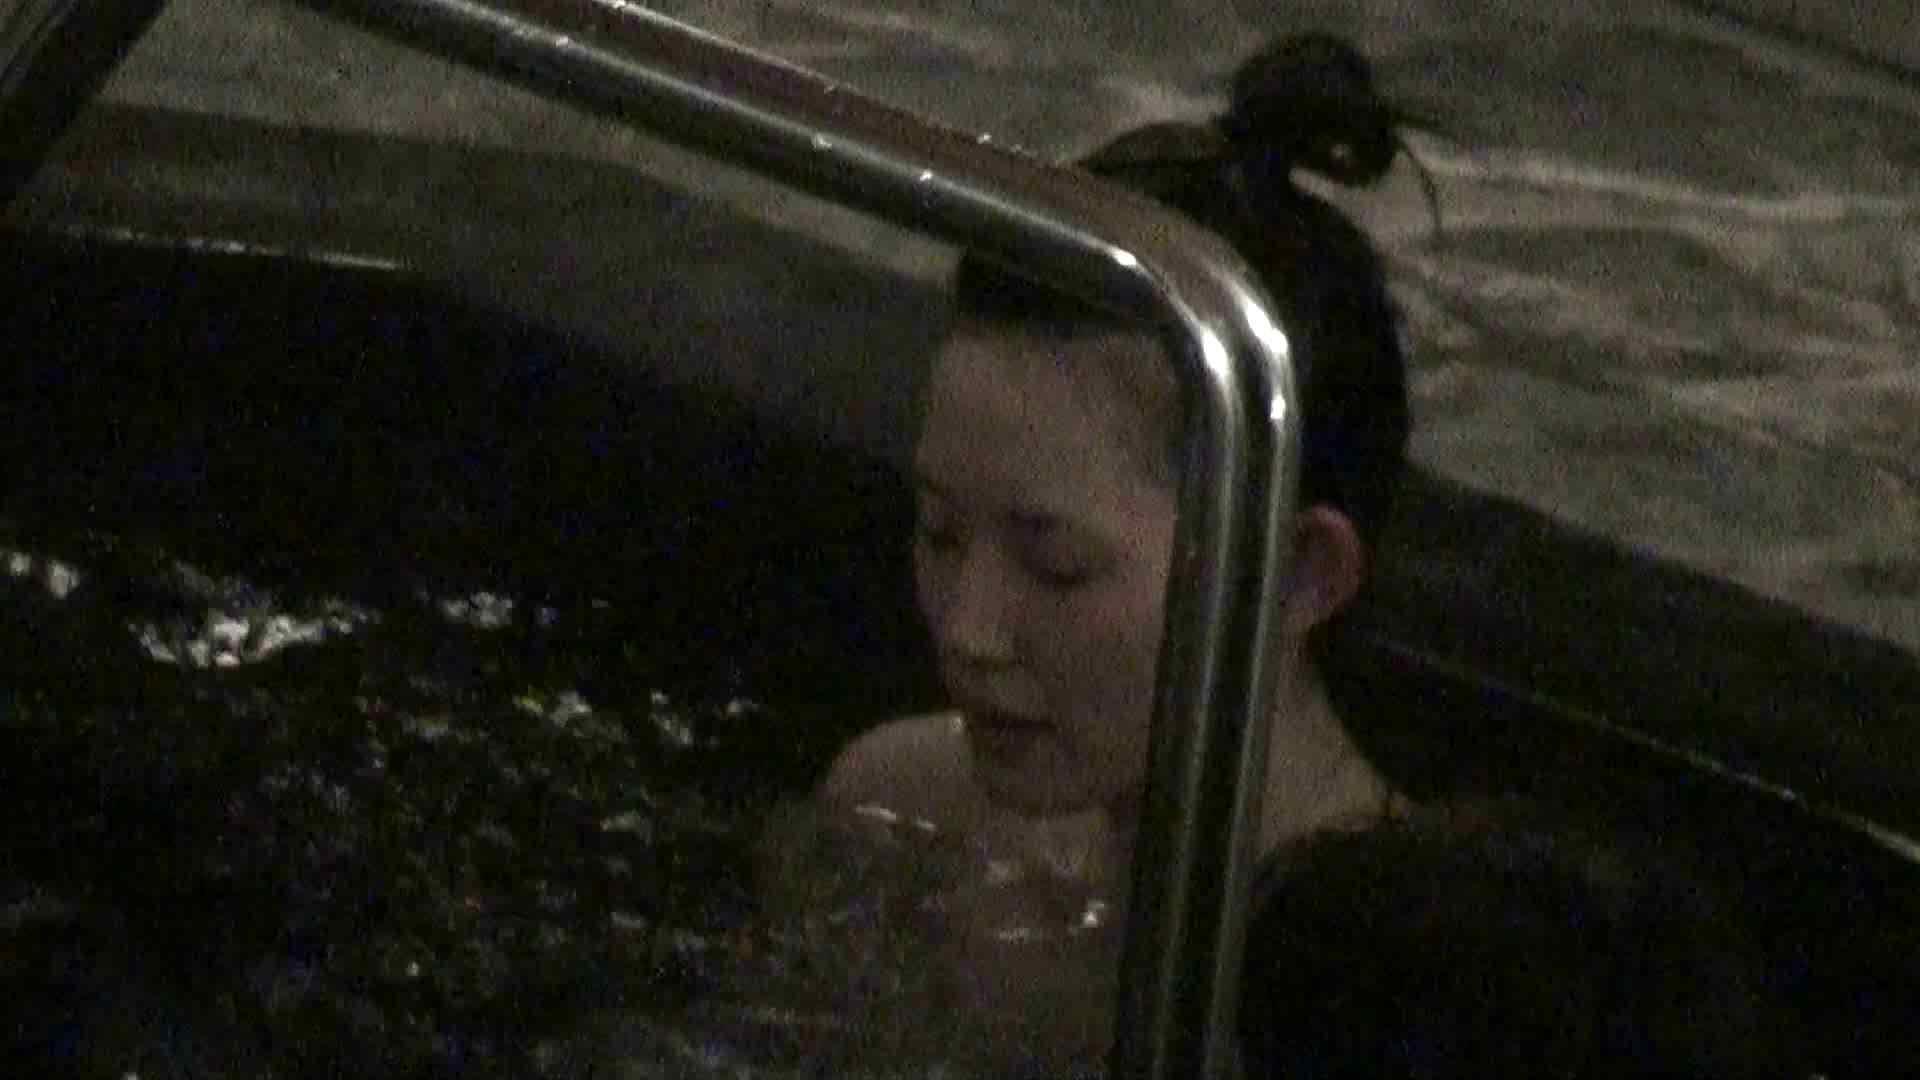 Aquaな露天風呂Vol.363 盗撮動画 | 露天風呂  11枚 1